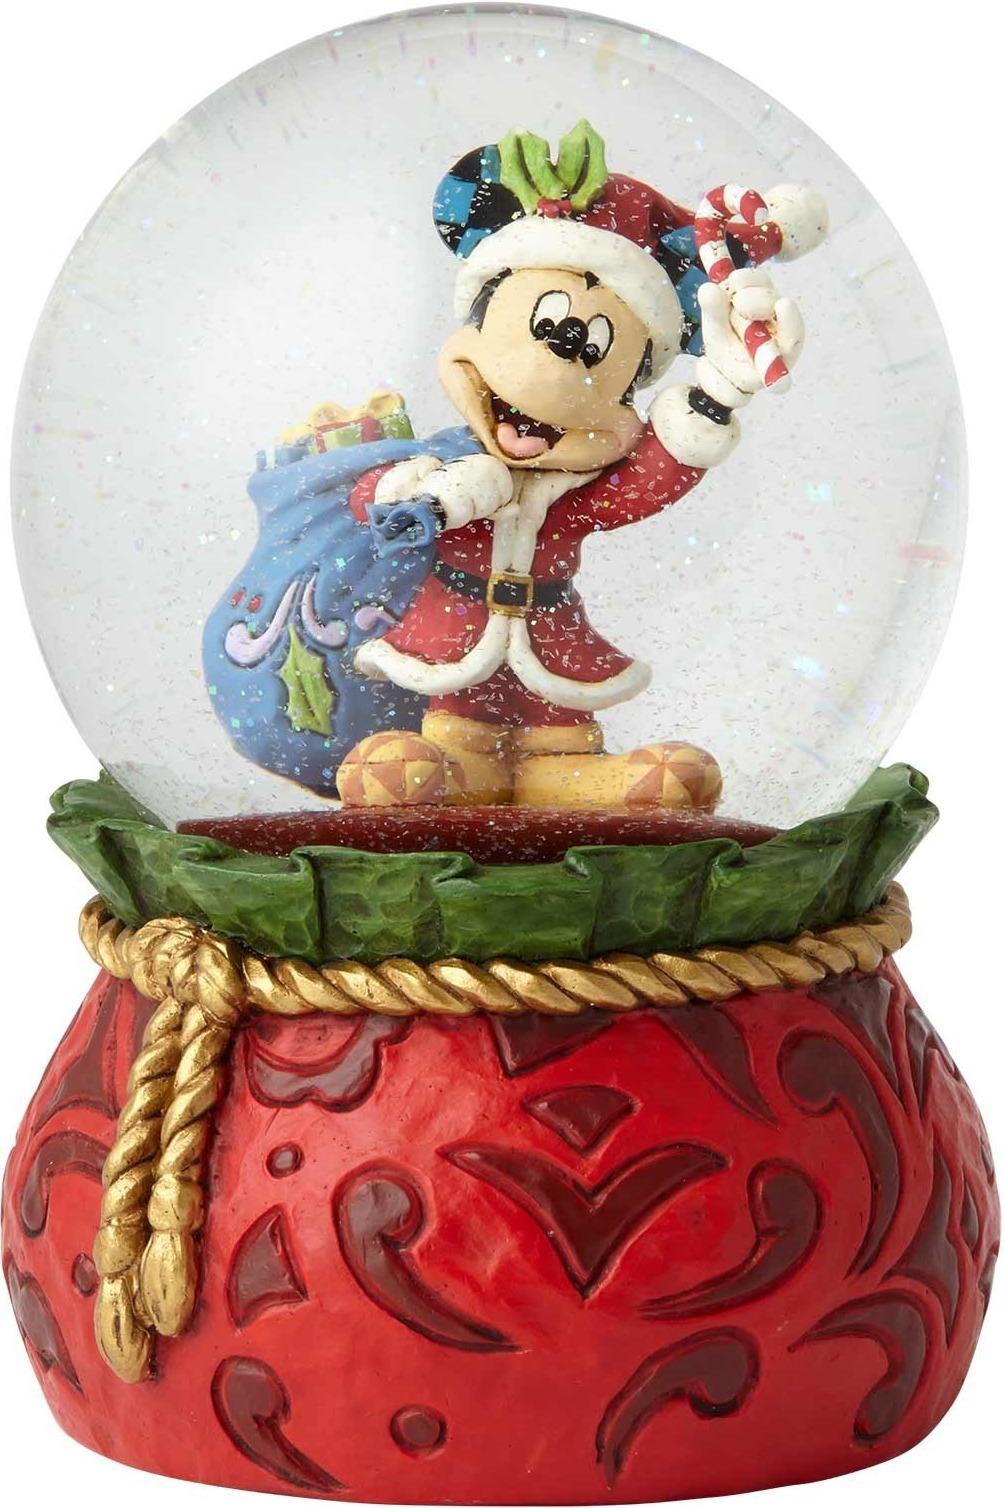 Disney Traditions by Jim Shore 6001360 Santa Mickey Waterball